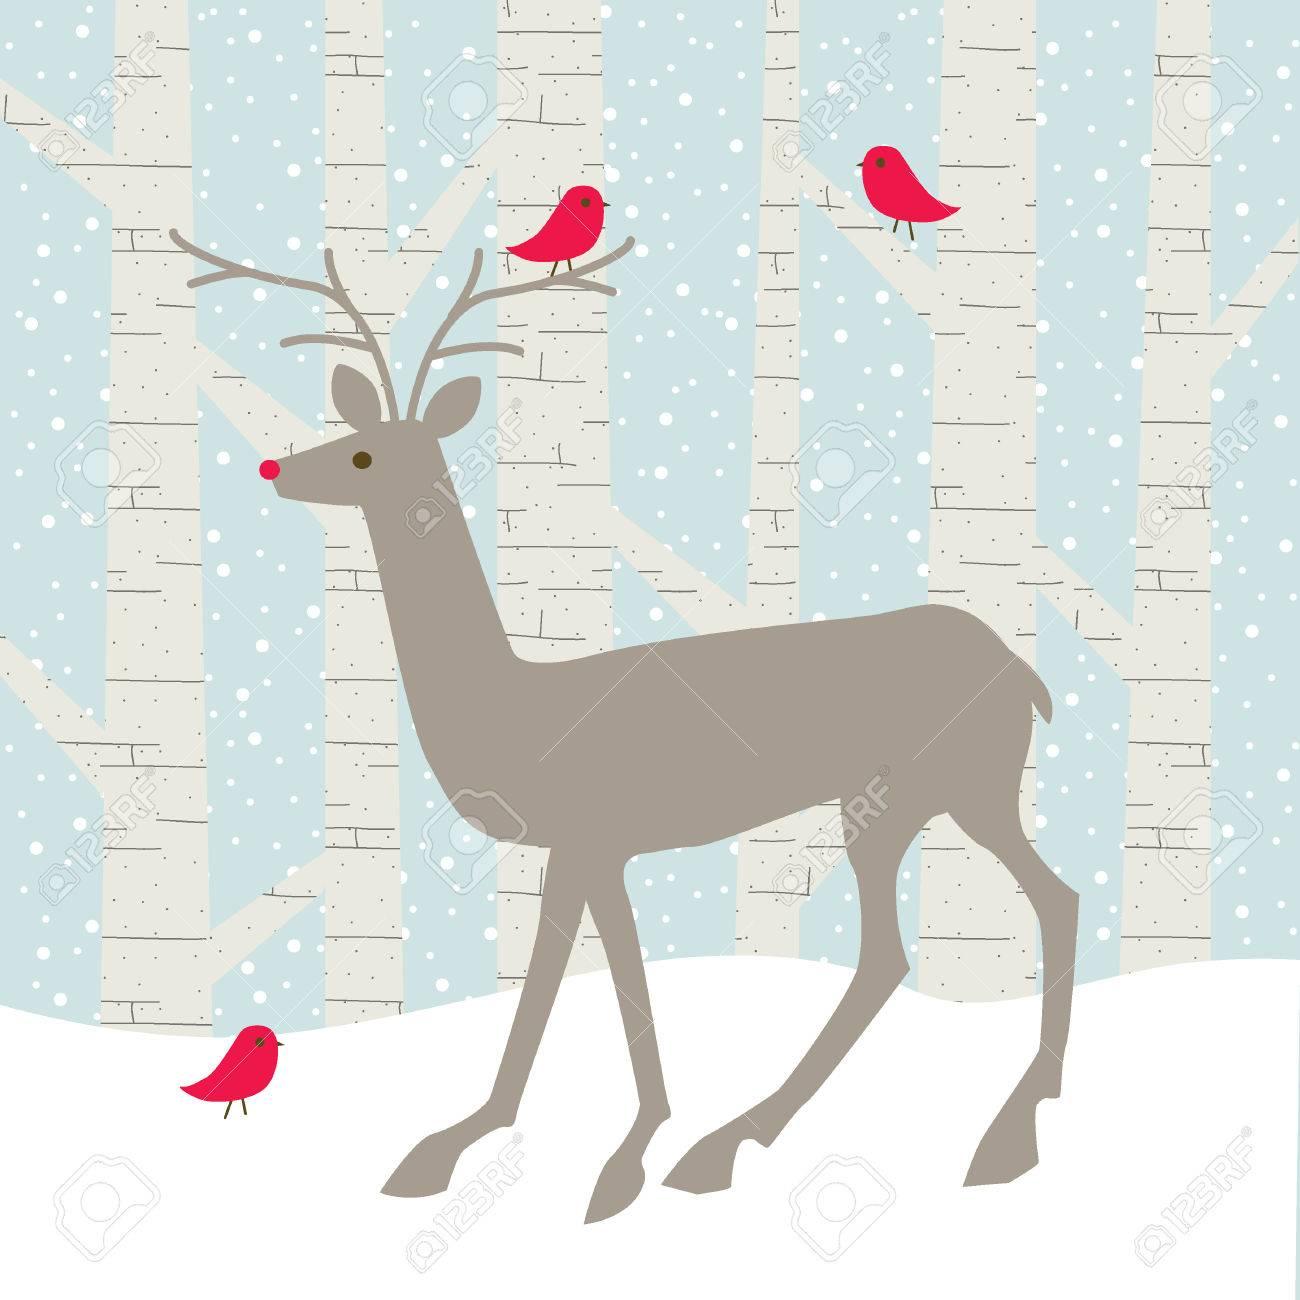 deer and birds - 36005550